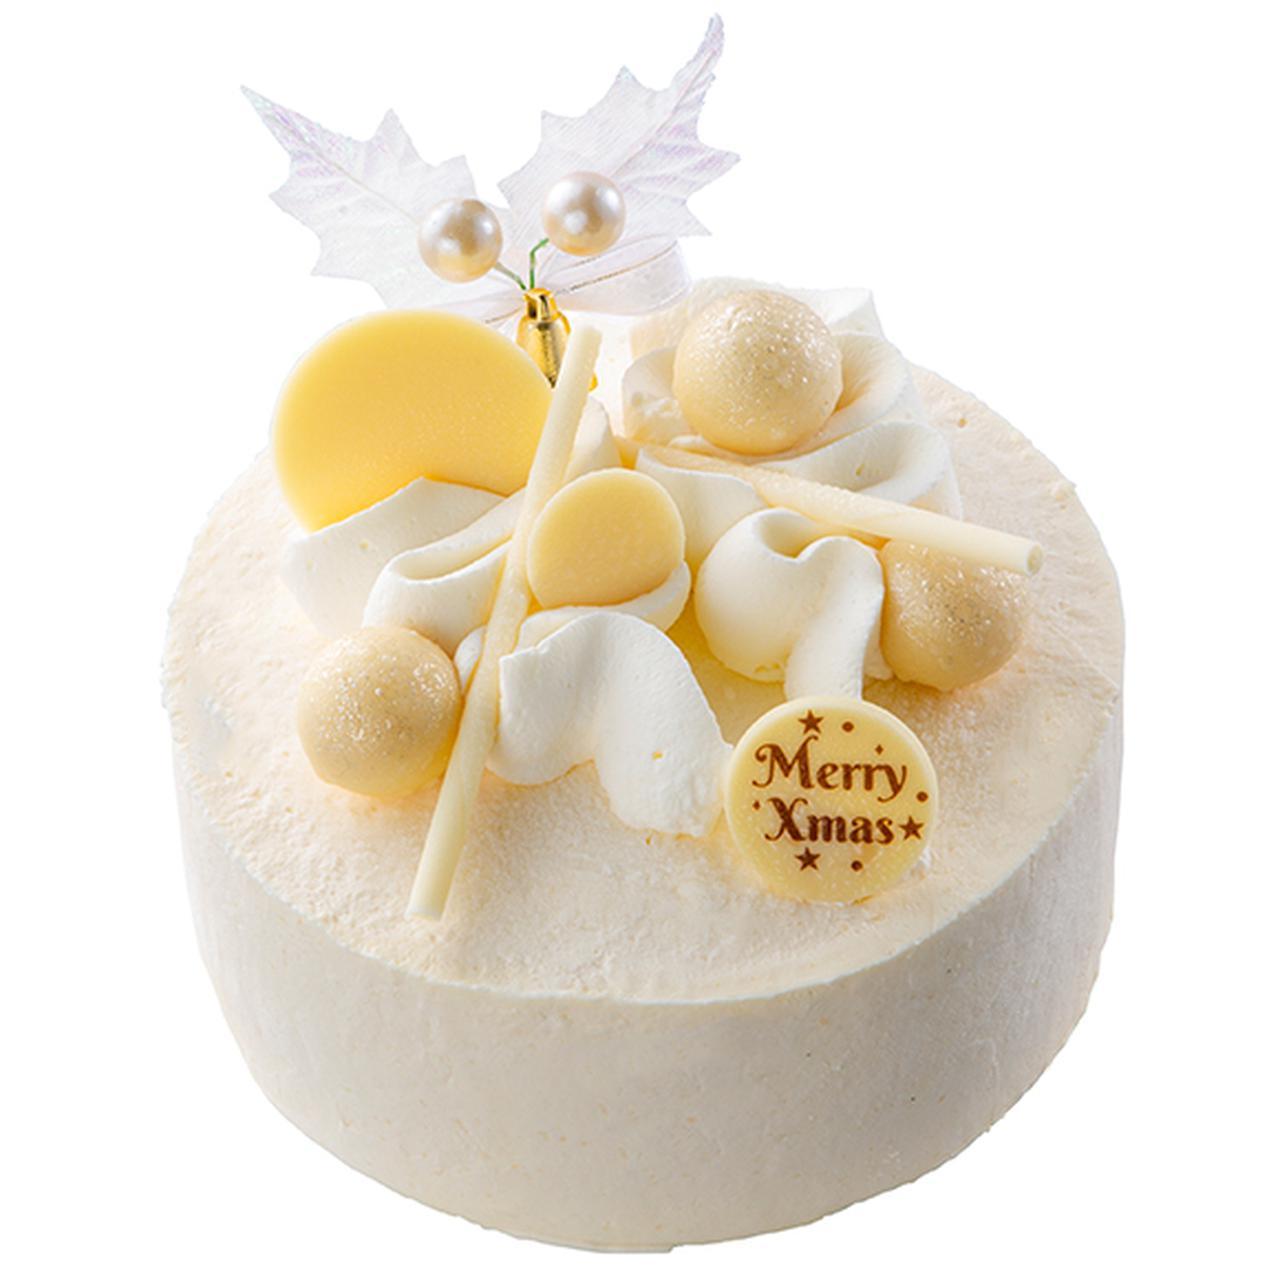 画像1: フランス産クリームチーズ使用 www2.chateraise.co.jp